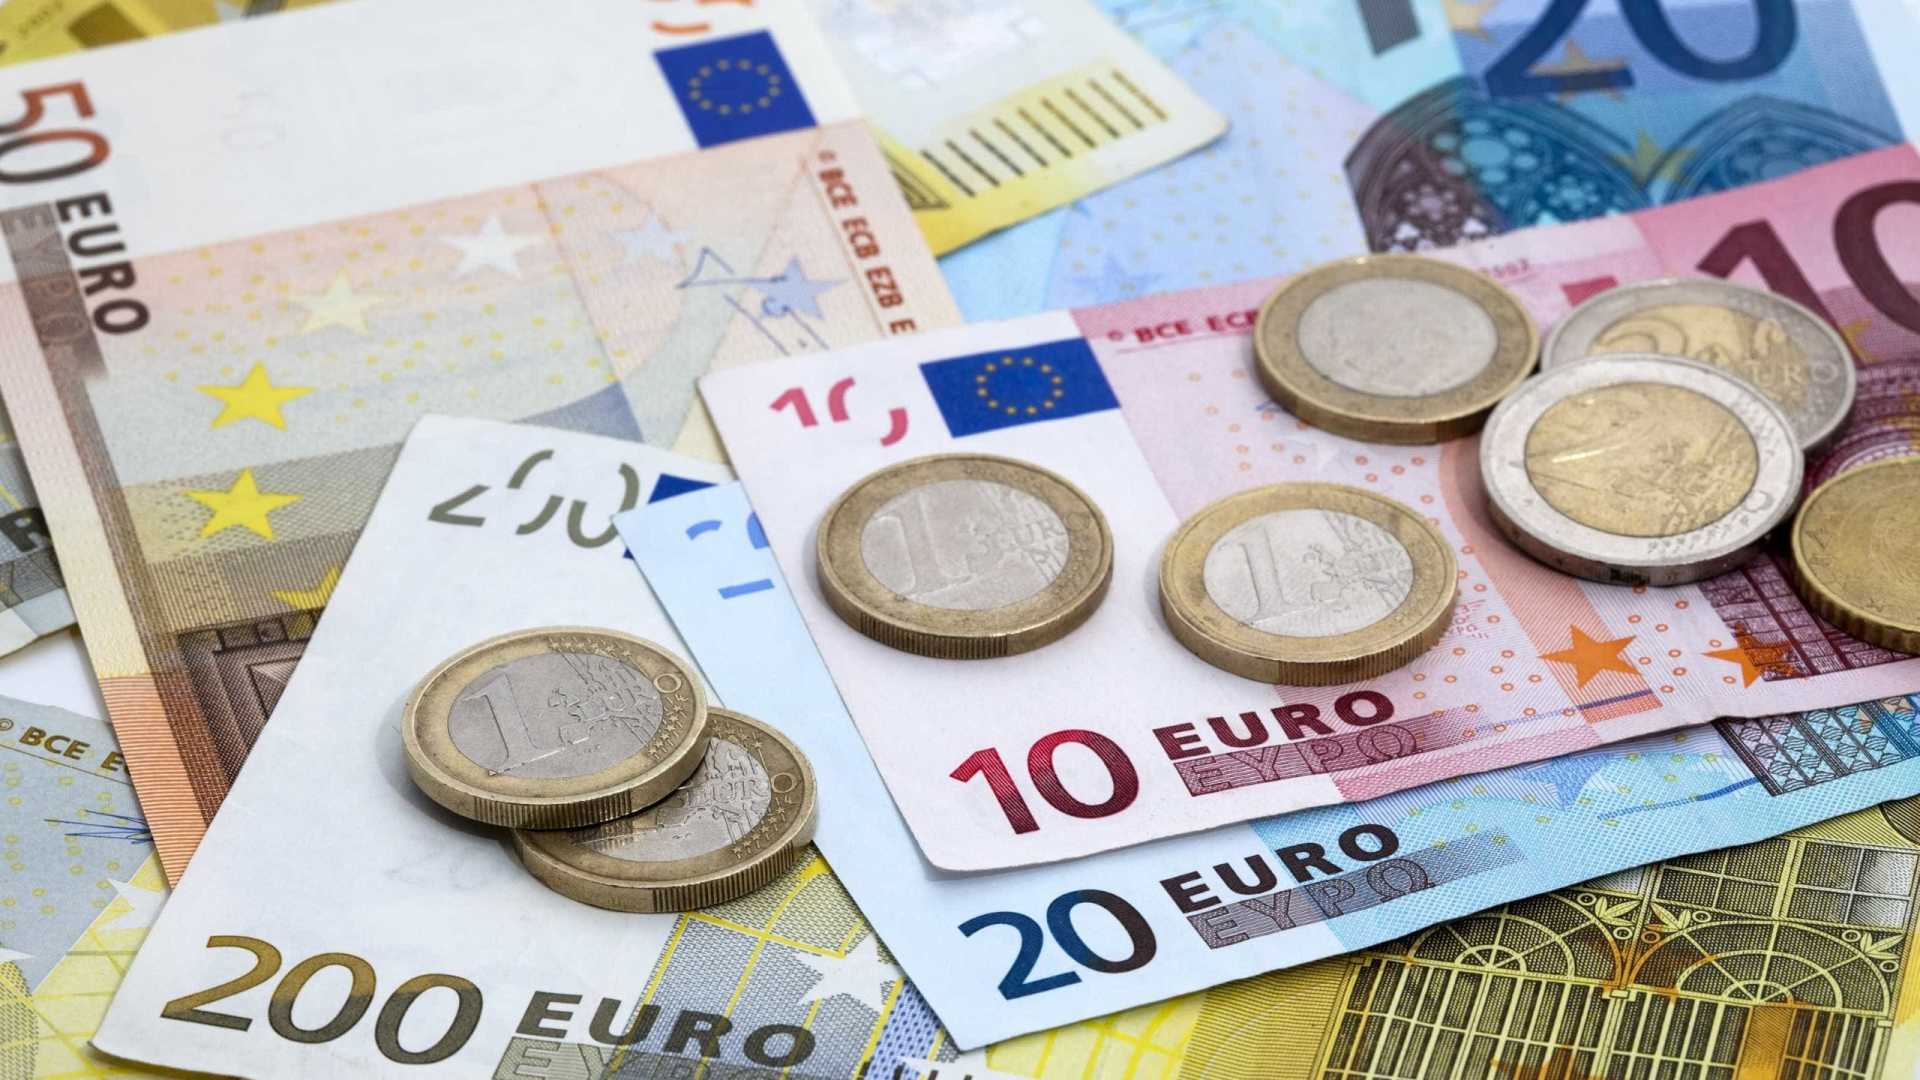 Los Precios En Venezuela De Monedas Como El Dólar Estadounidense Y Euro Subieron Este Viernes 27 Abril Sistema Oficial Subastas Divisas